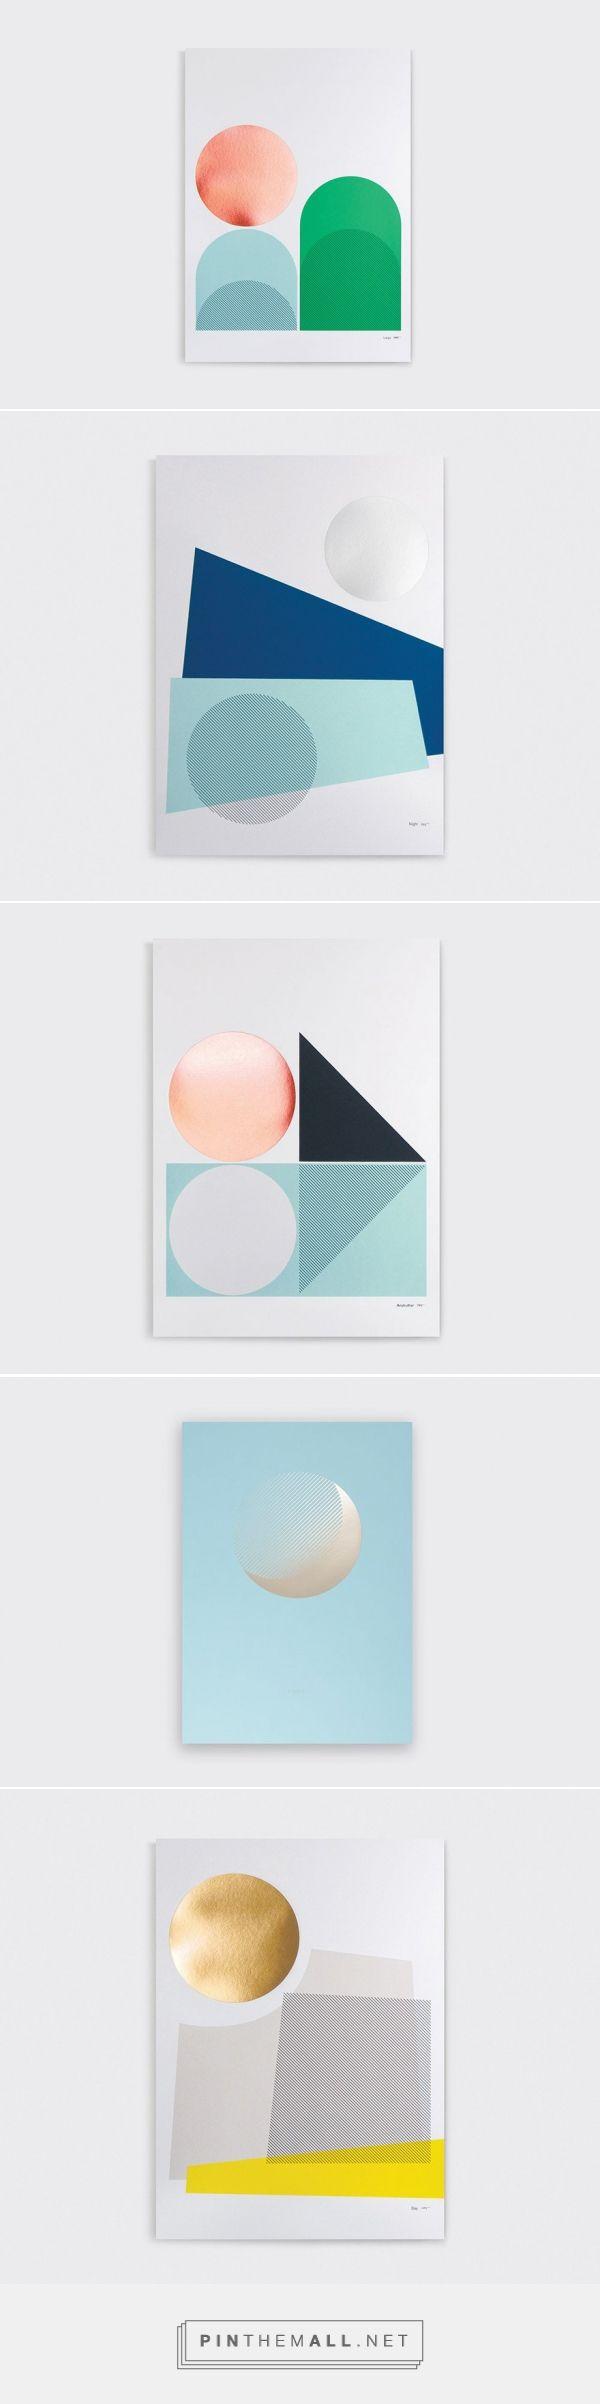 ささやかな日常からインスピレーションを得て制作された、Tom Pigeon のシンプルなグラフィック作品 – HITSPAPER - created via…